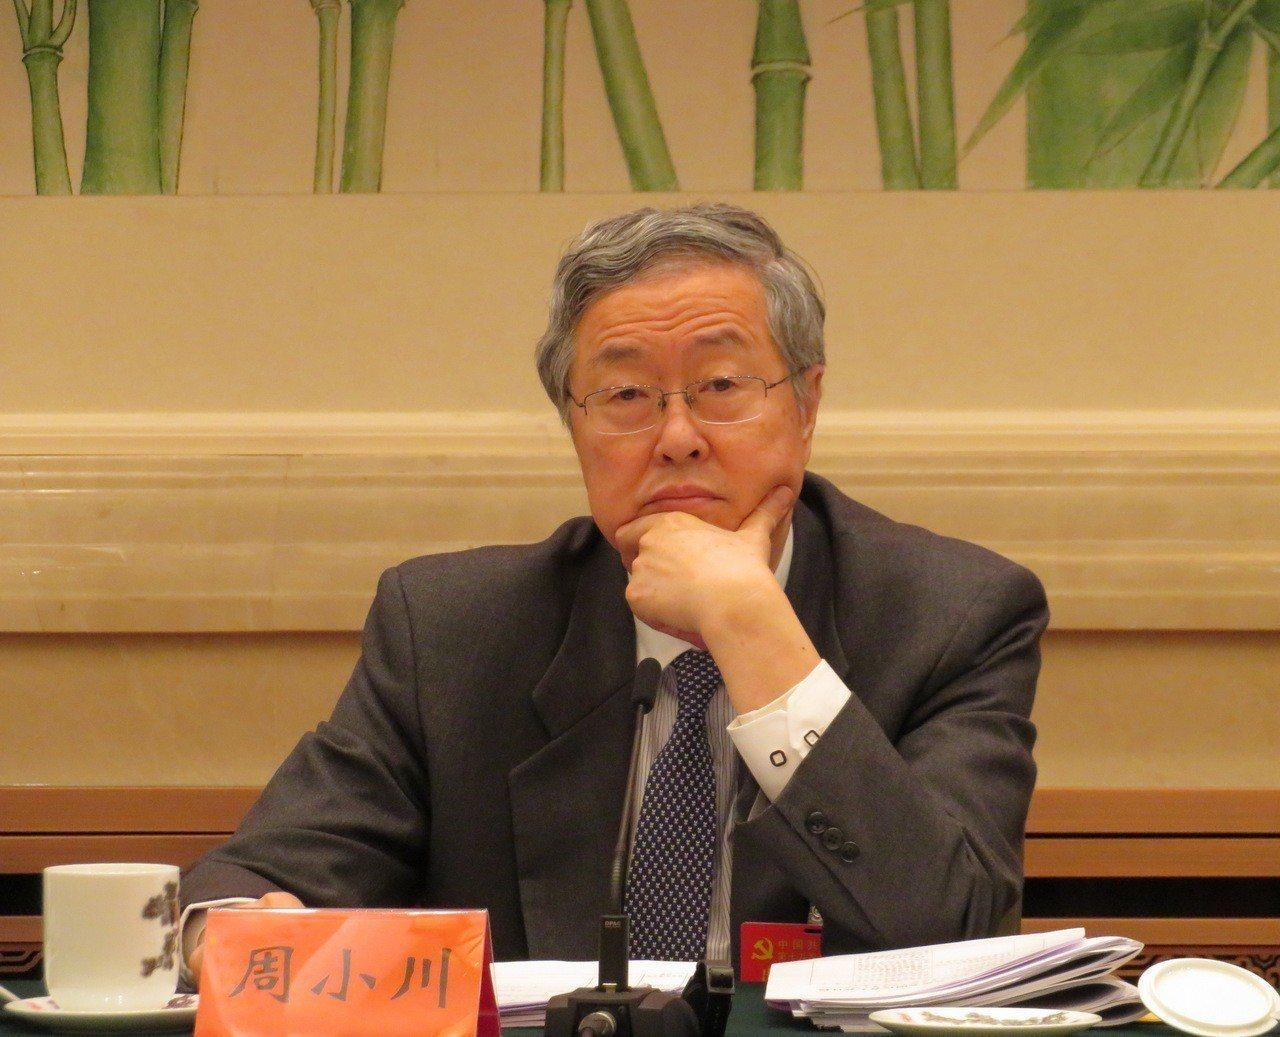 中國人民銀行前行長周小川表示,貿戰對大陸的市場信心衝擊大。 圖/聯合報系資料照片